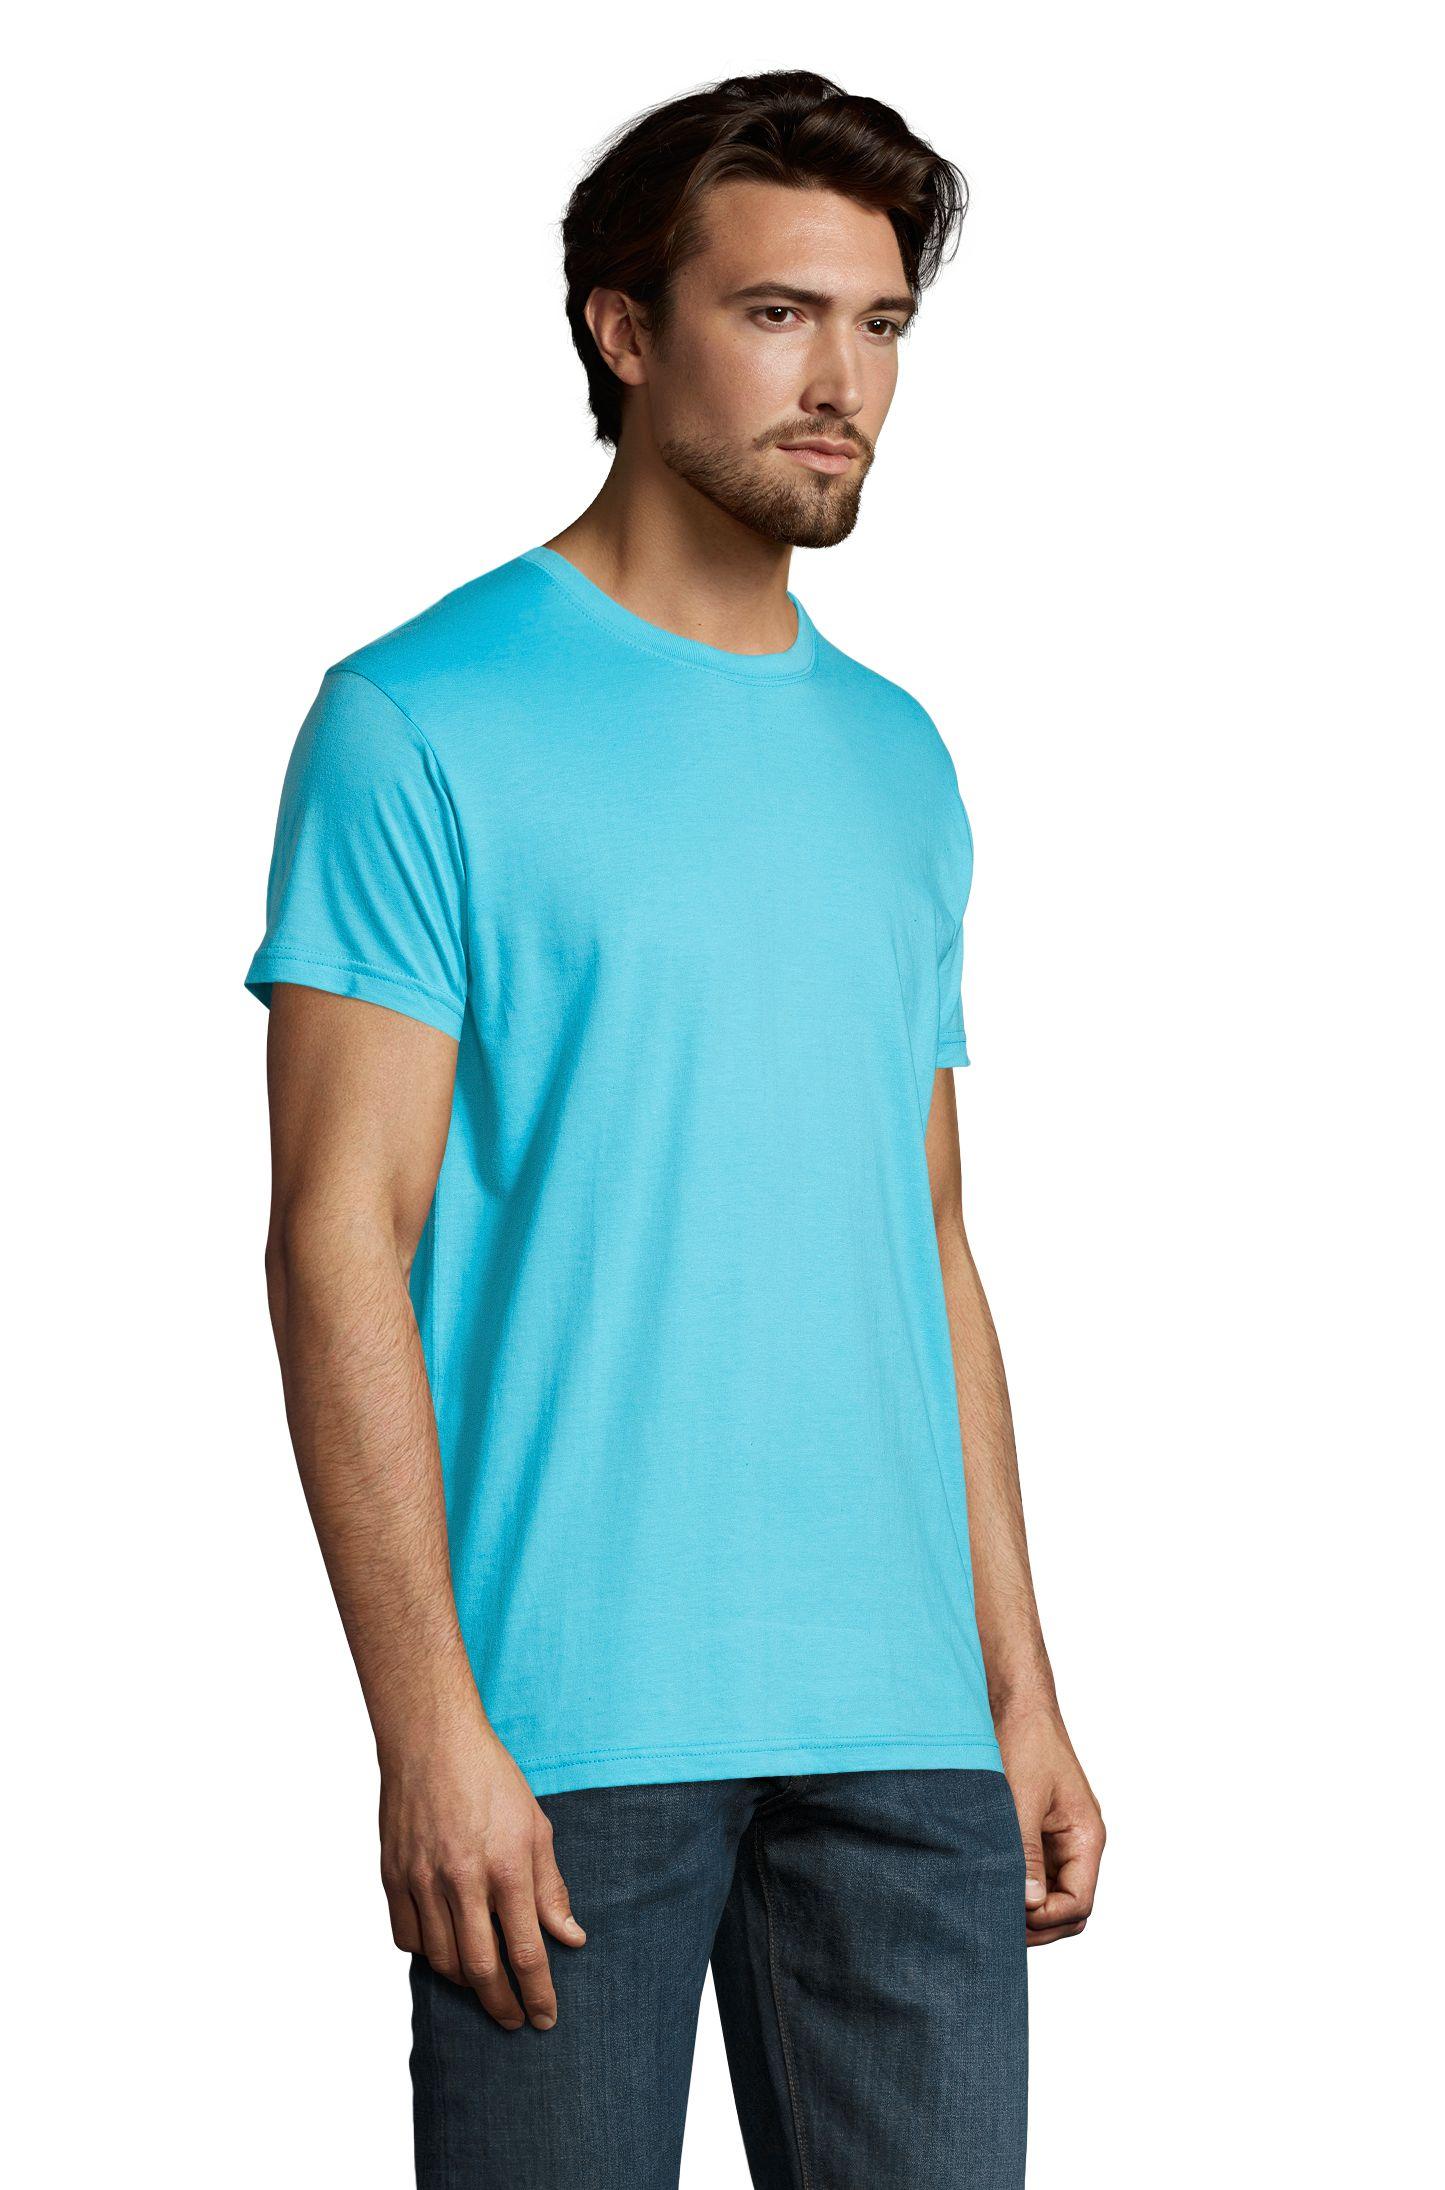 225 - Atoll blue